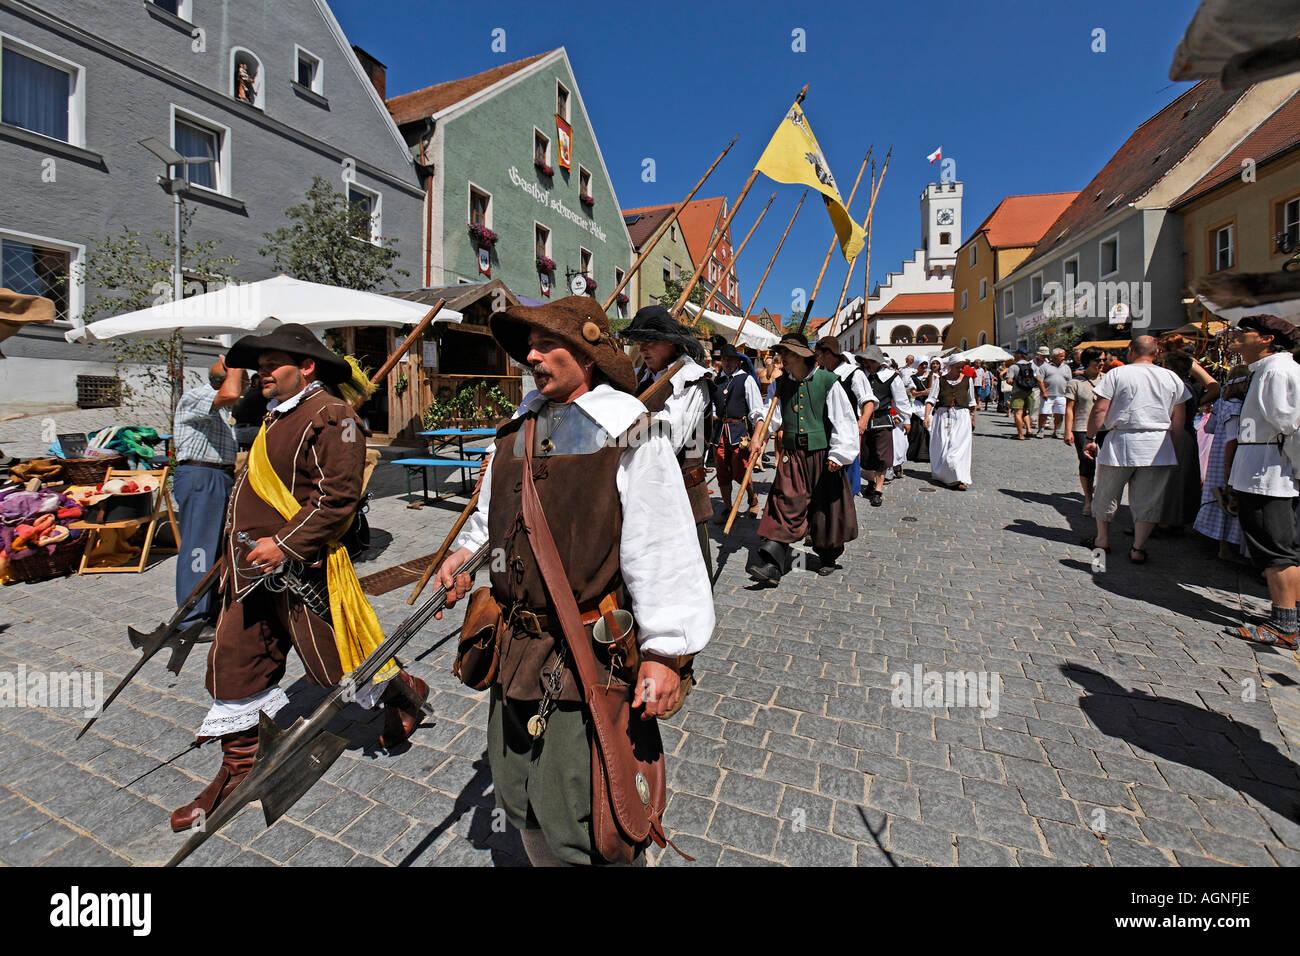 Nabburg , Middle Ages market , Bavaria Germany - Stock Image